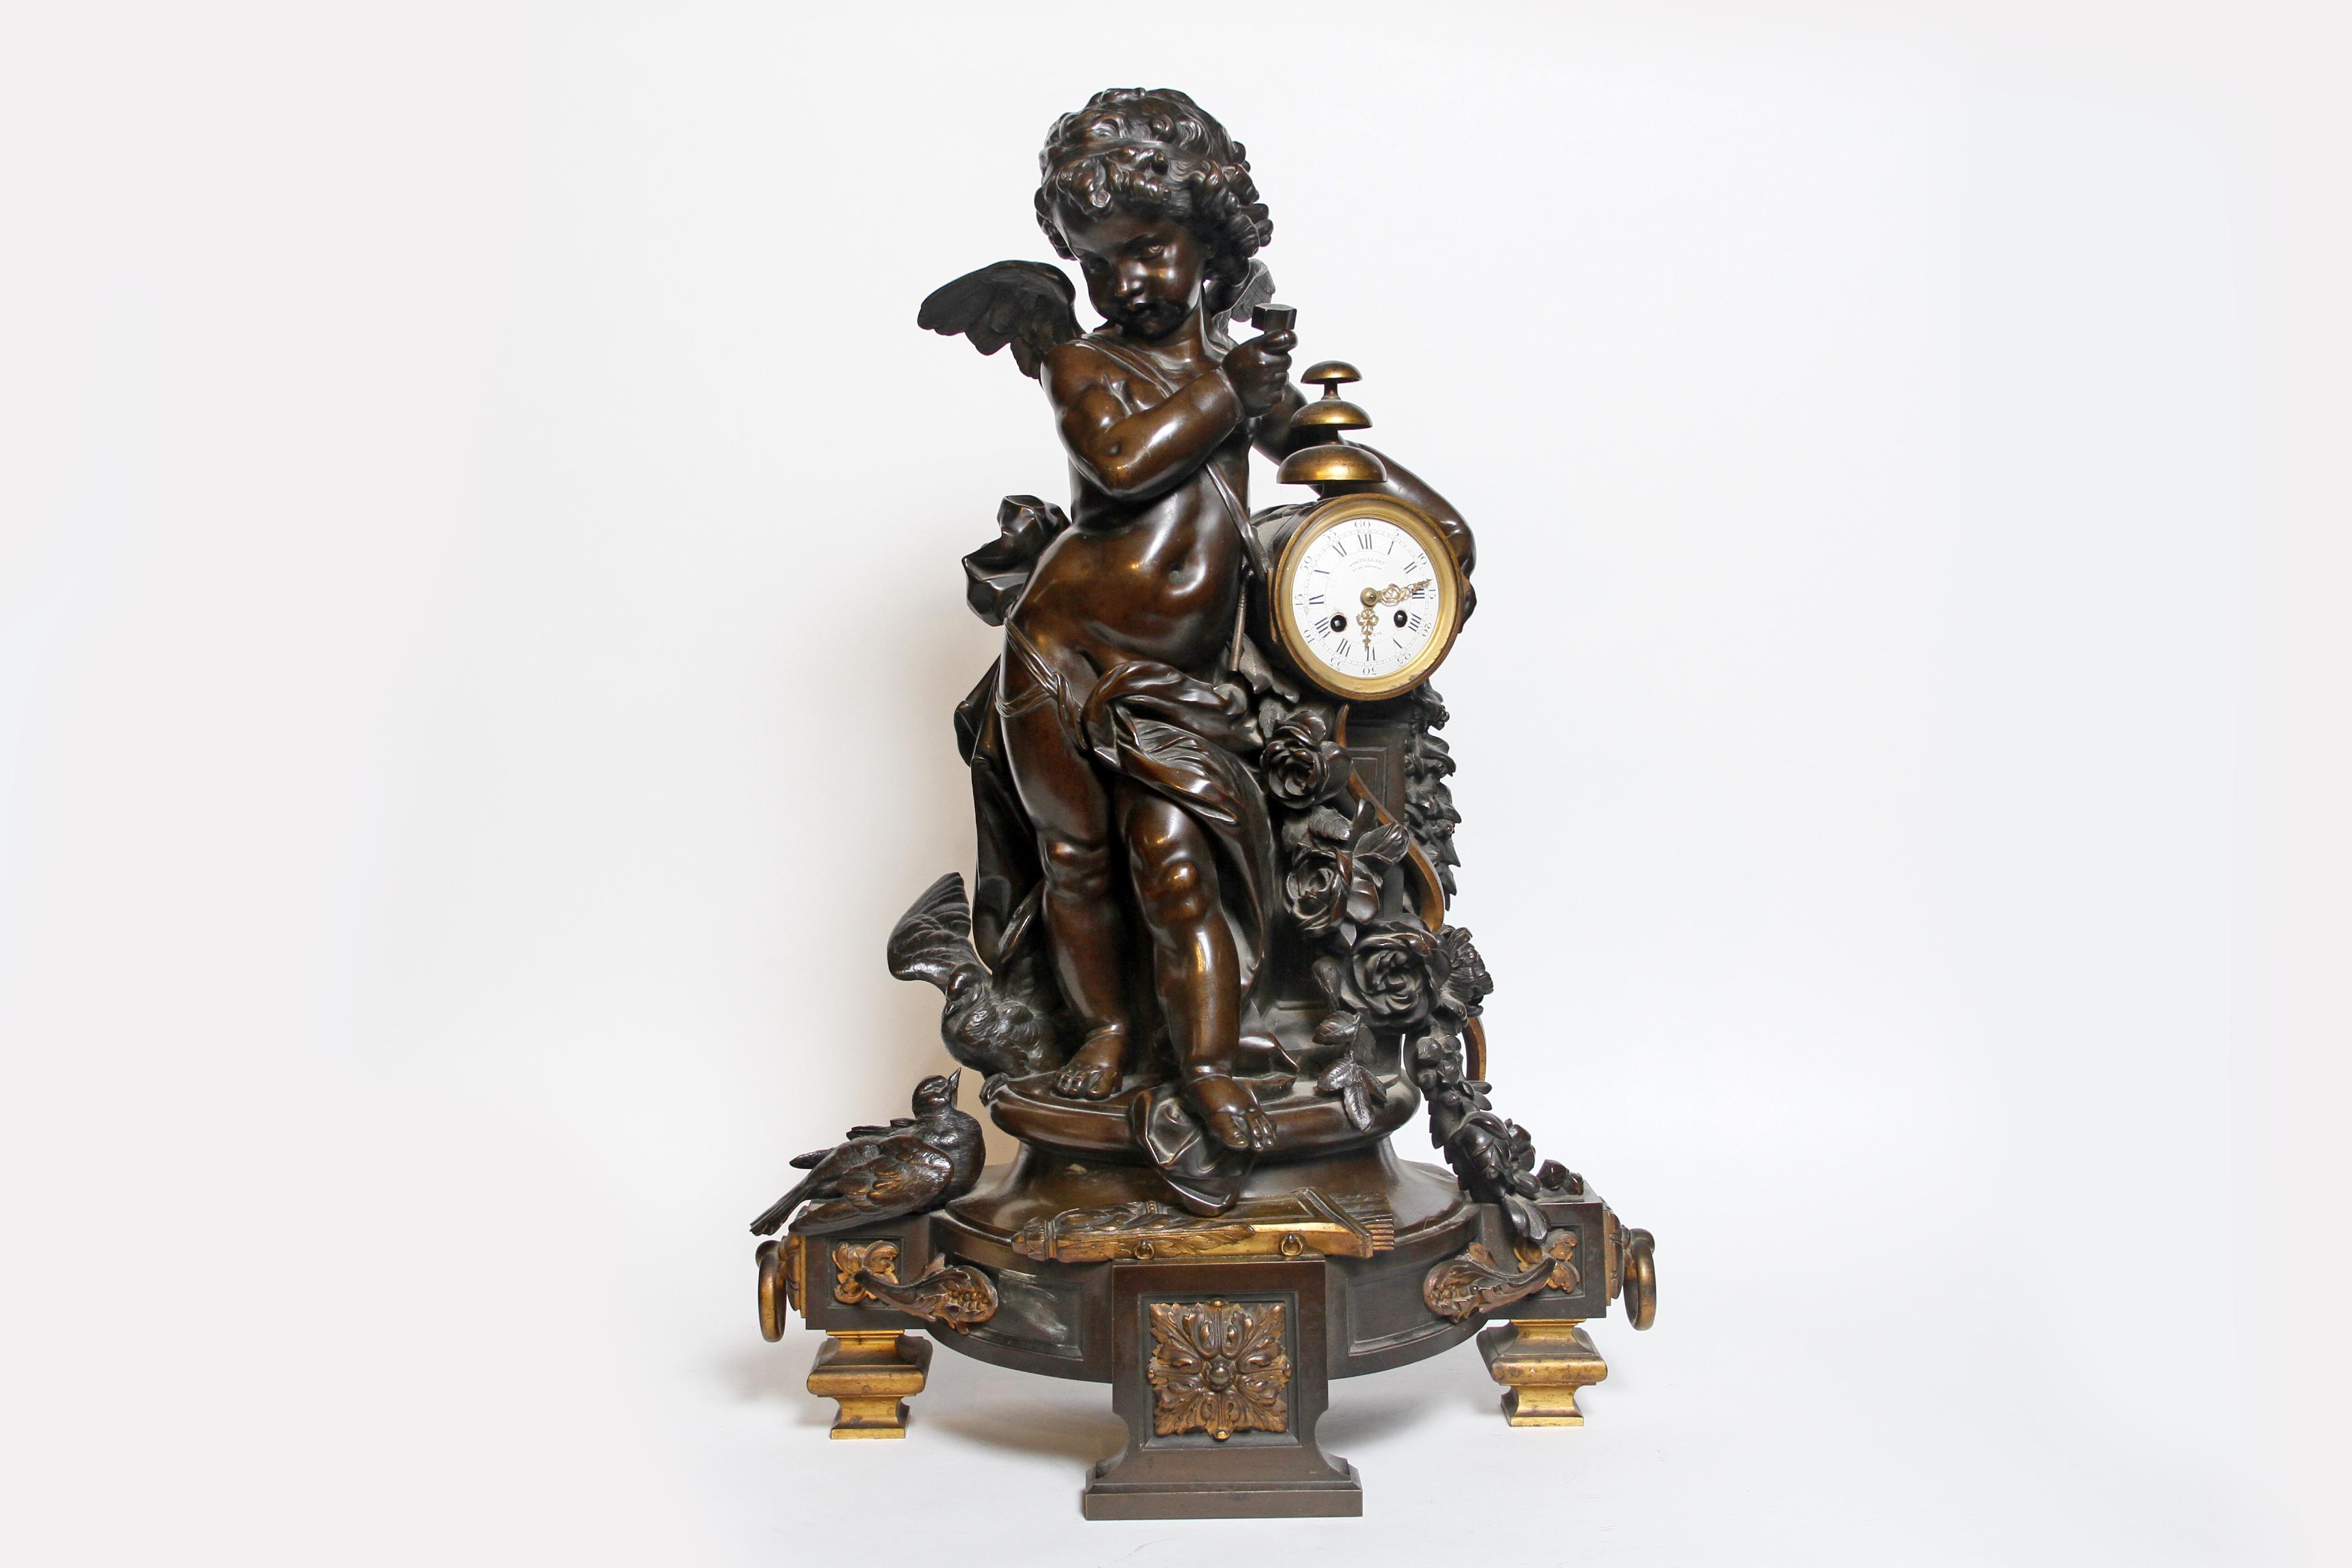 Vente Vins & Alcools, Mode, Sculpture, Bronze, Pendule, Tableaux, Mobilier XVIIIe, XIXe et XXe, Tapis chez Hôtel des Ventes de Chatou : 396 lots